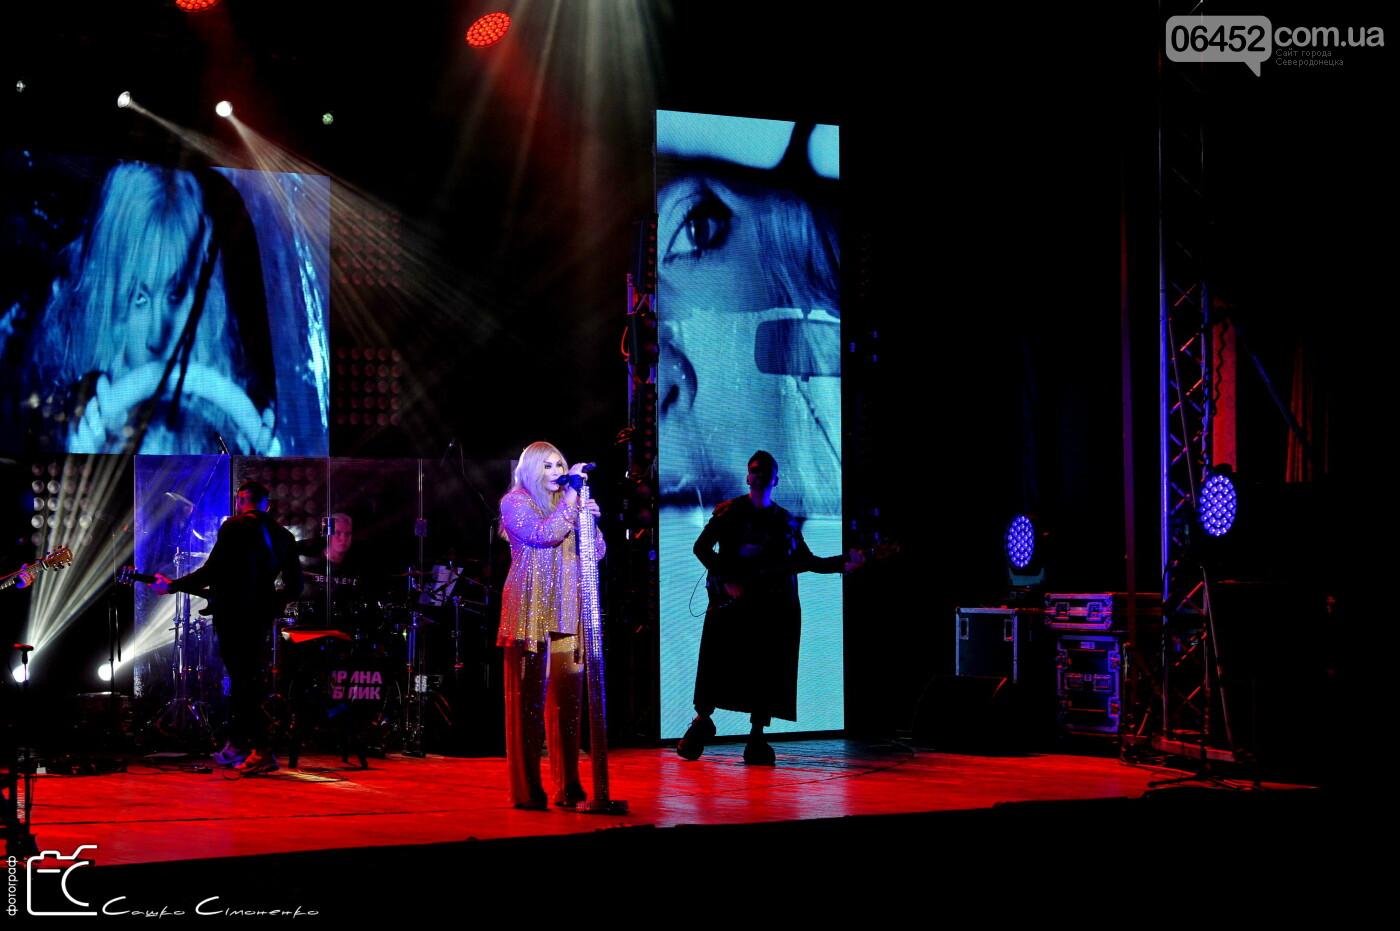 Юбилейный тур Ирины Билык начался вчера в Северодонецке, фото-3